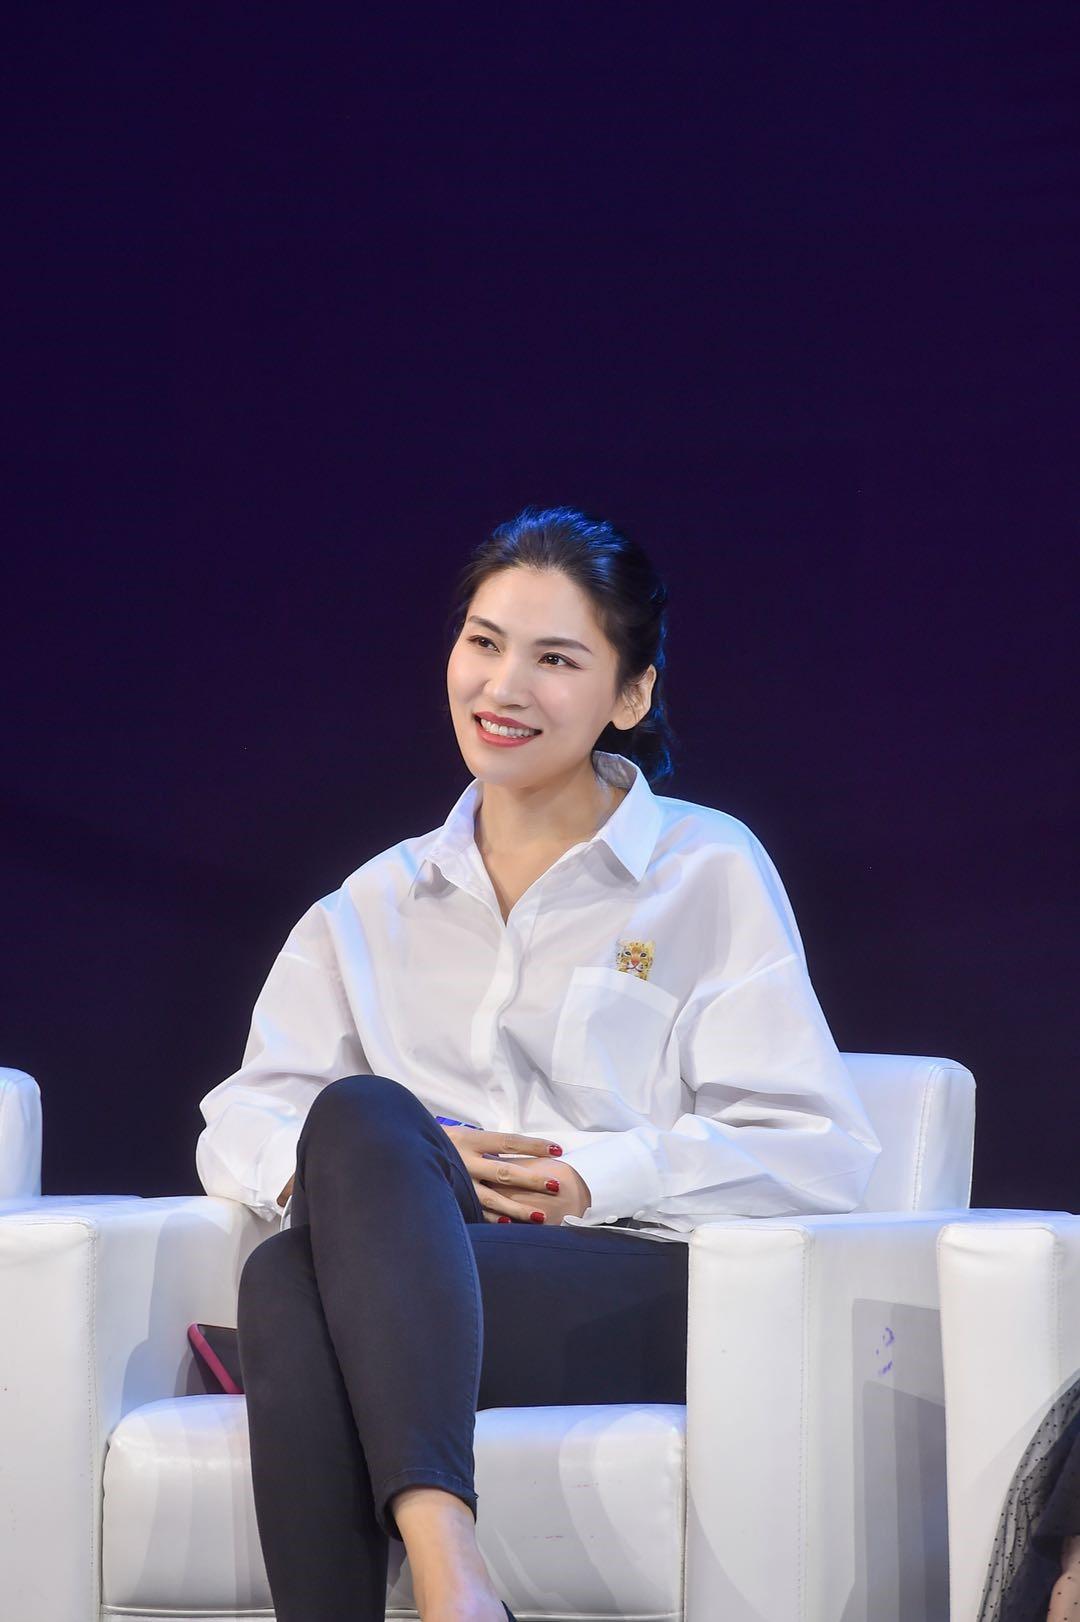 李潇,80后青年编剧,2004年卒业于中央戏剧学院,之后从事做事编剧做事,代外作品《搭错车》《麻辣婆媳》《杨柳青》《大外子》《益老师》等。